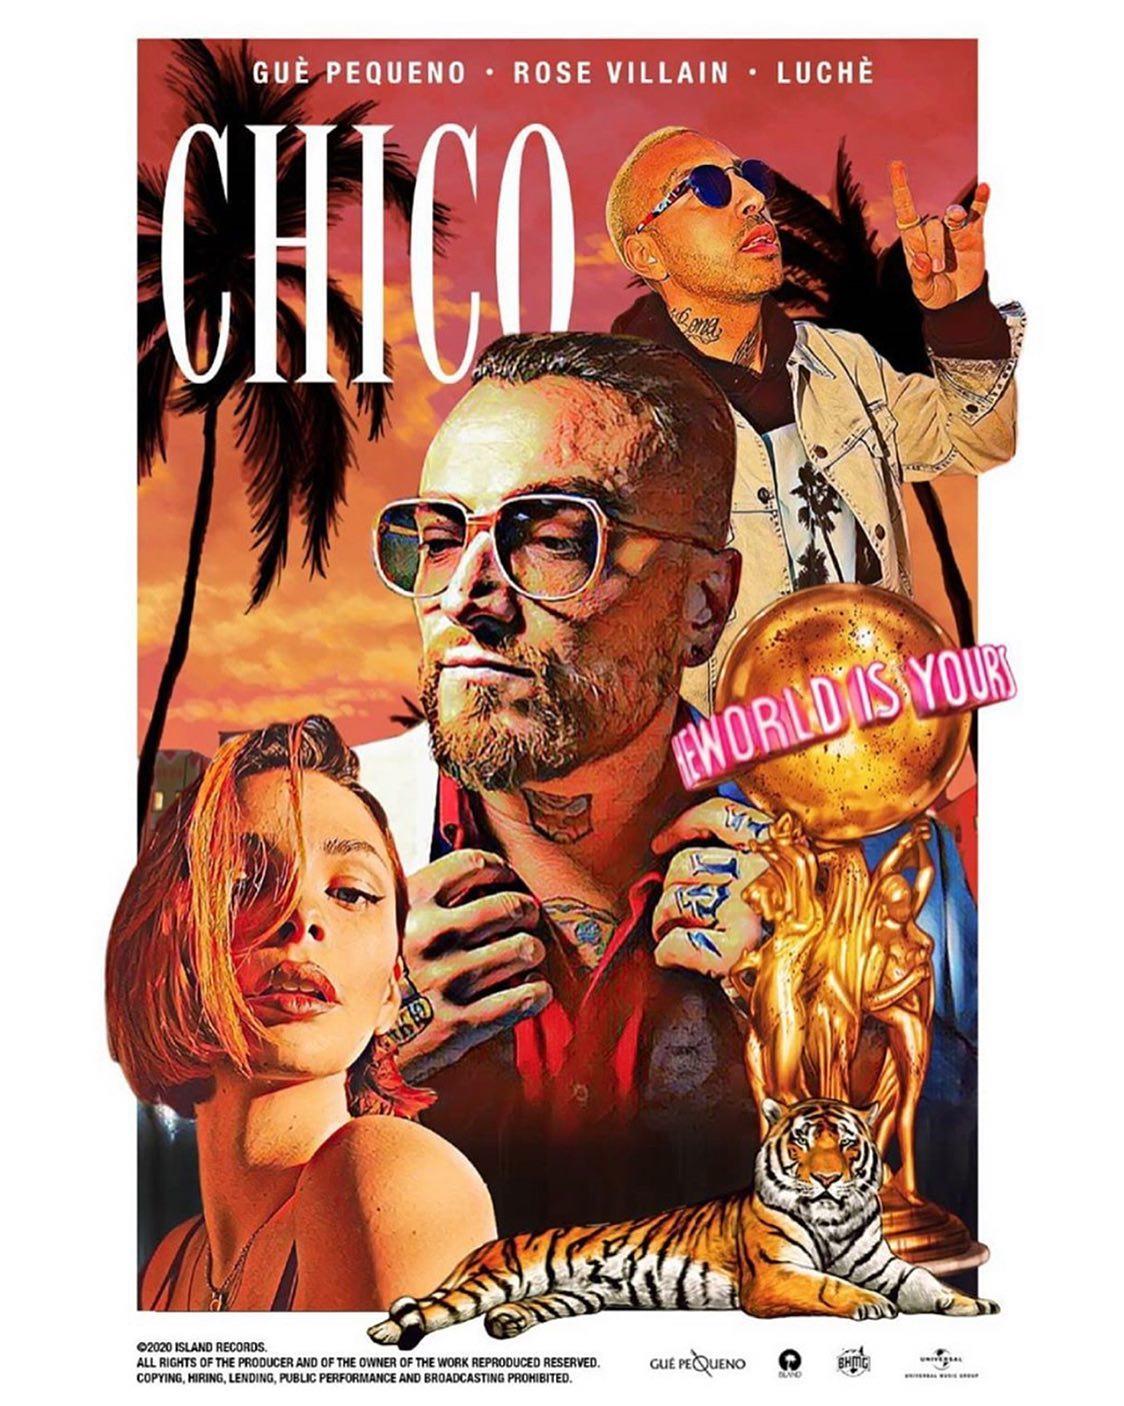 """Guè Pequeno feat Rose Villain & Luchè, """"Chico"""": il marchio Trap"""